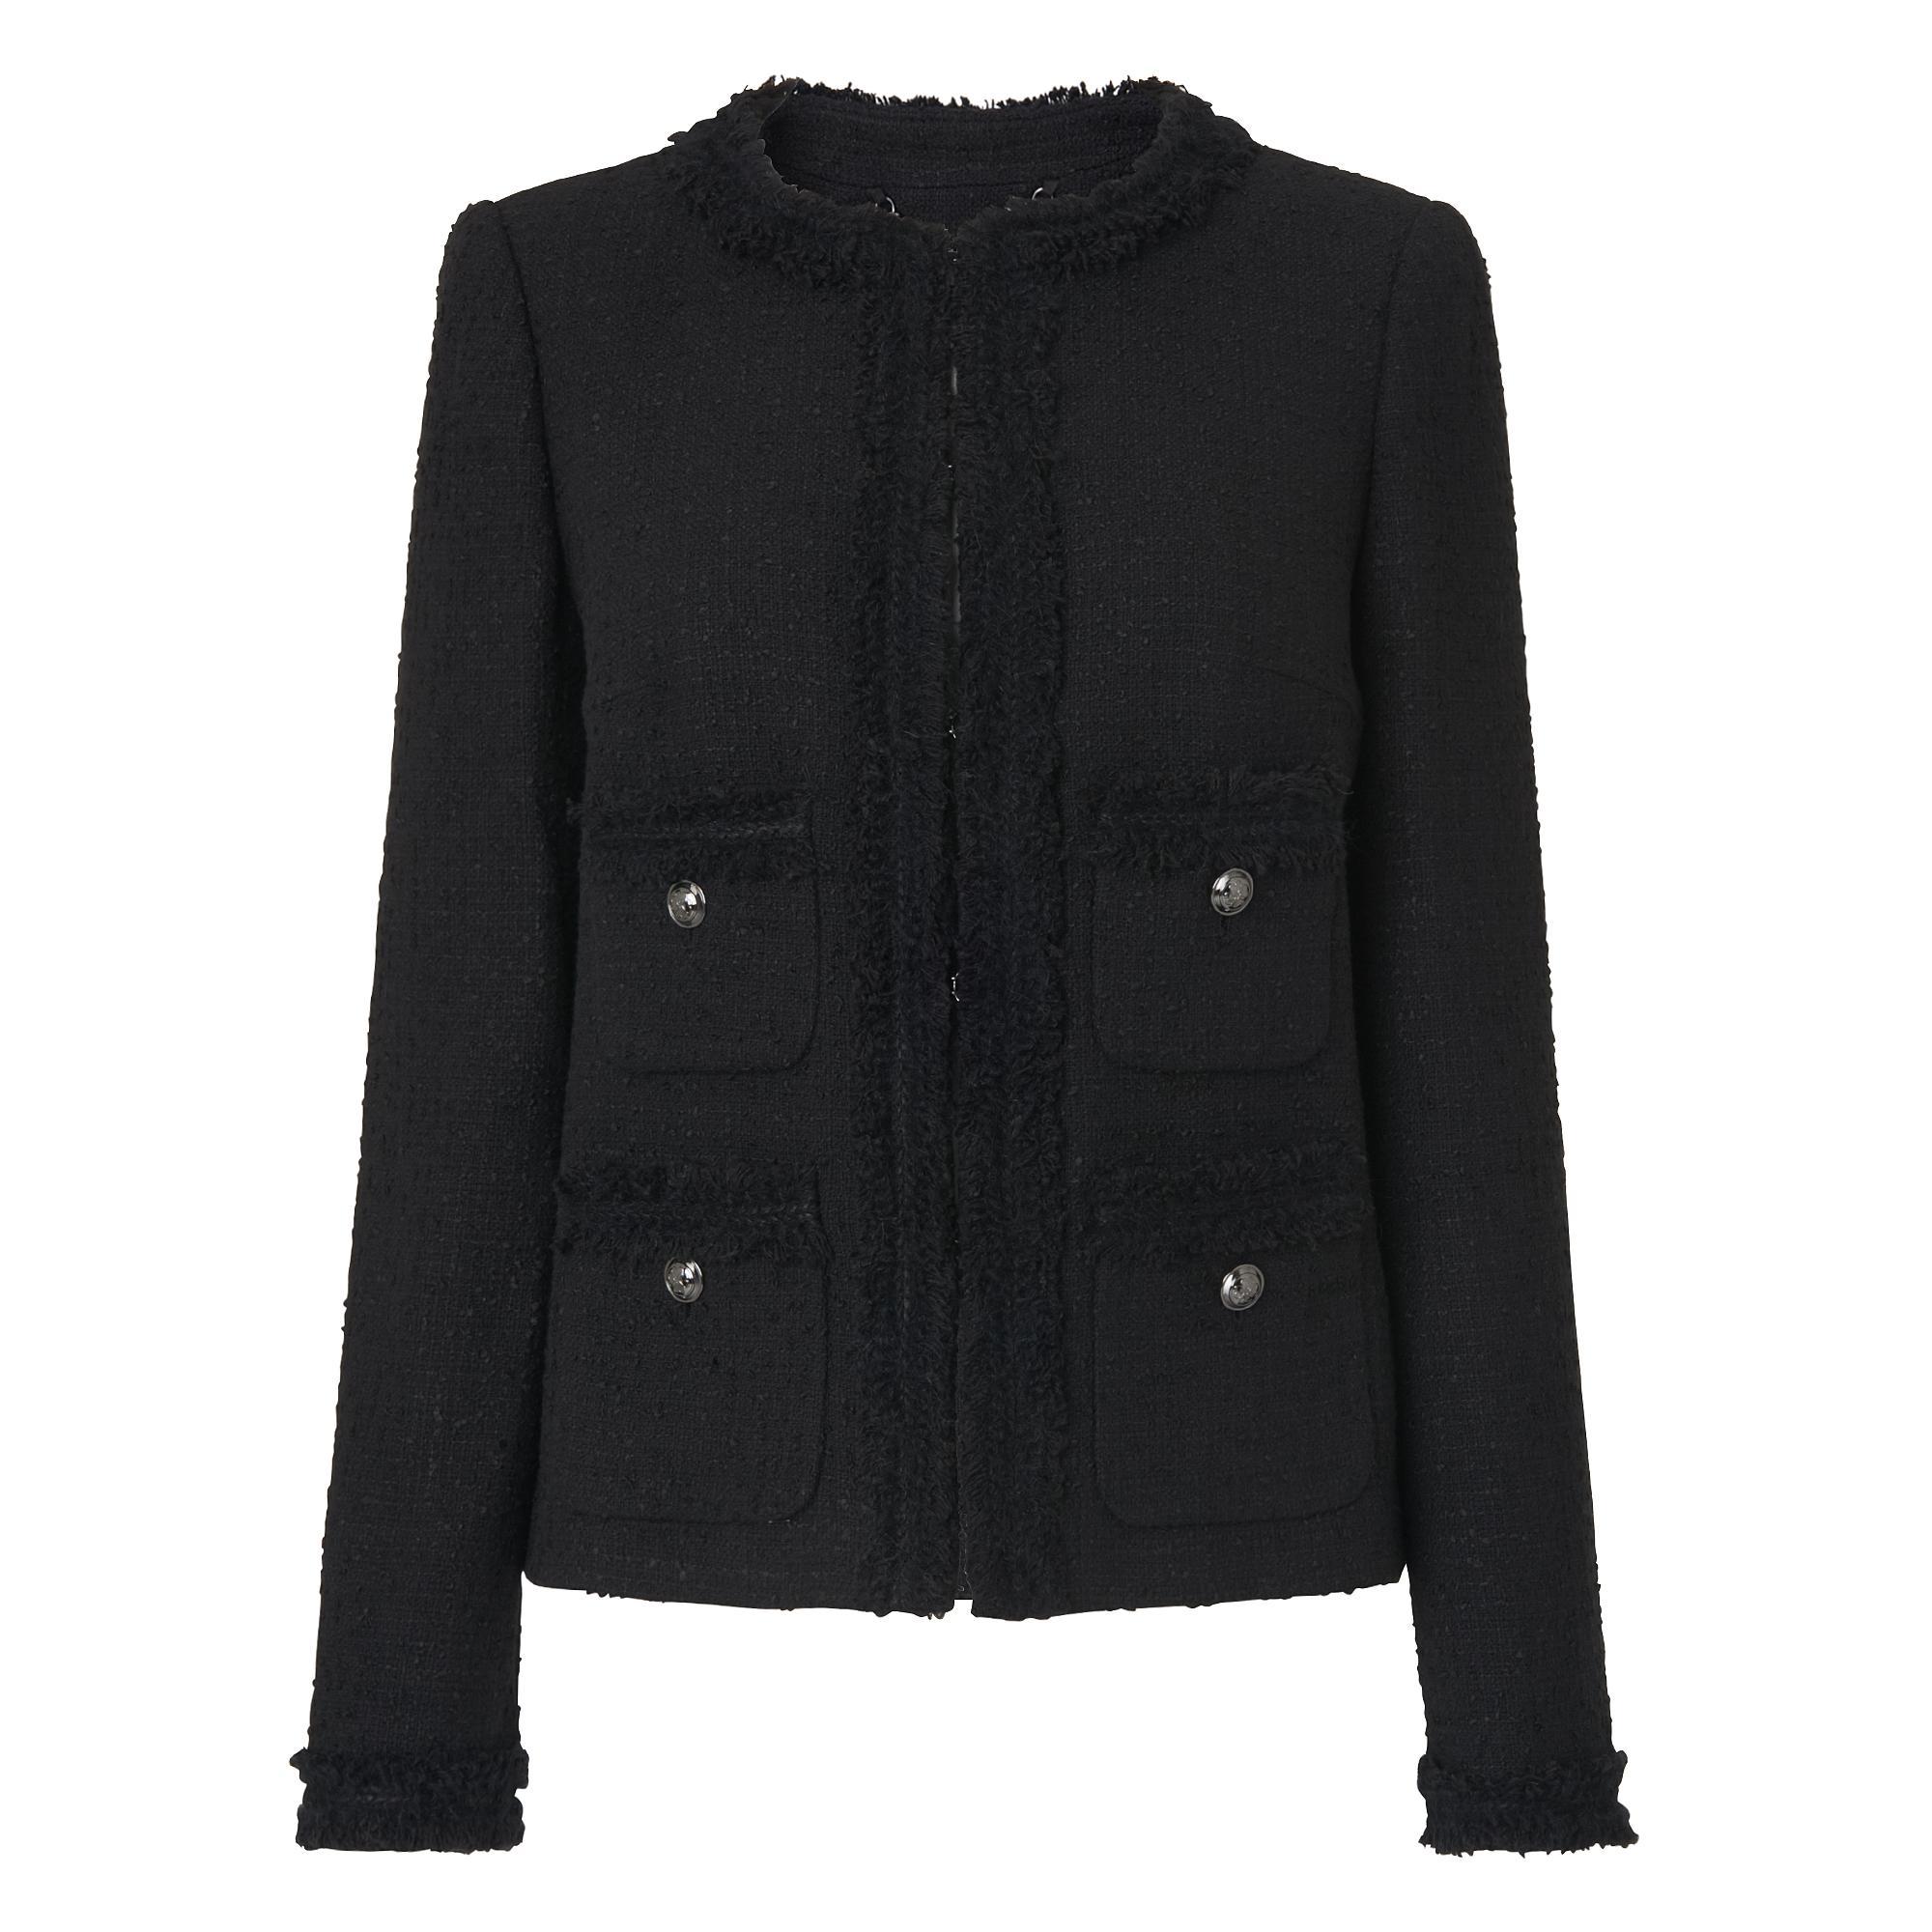 Charl Black Boucle Jacket